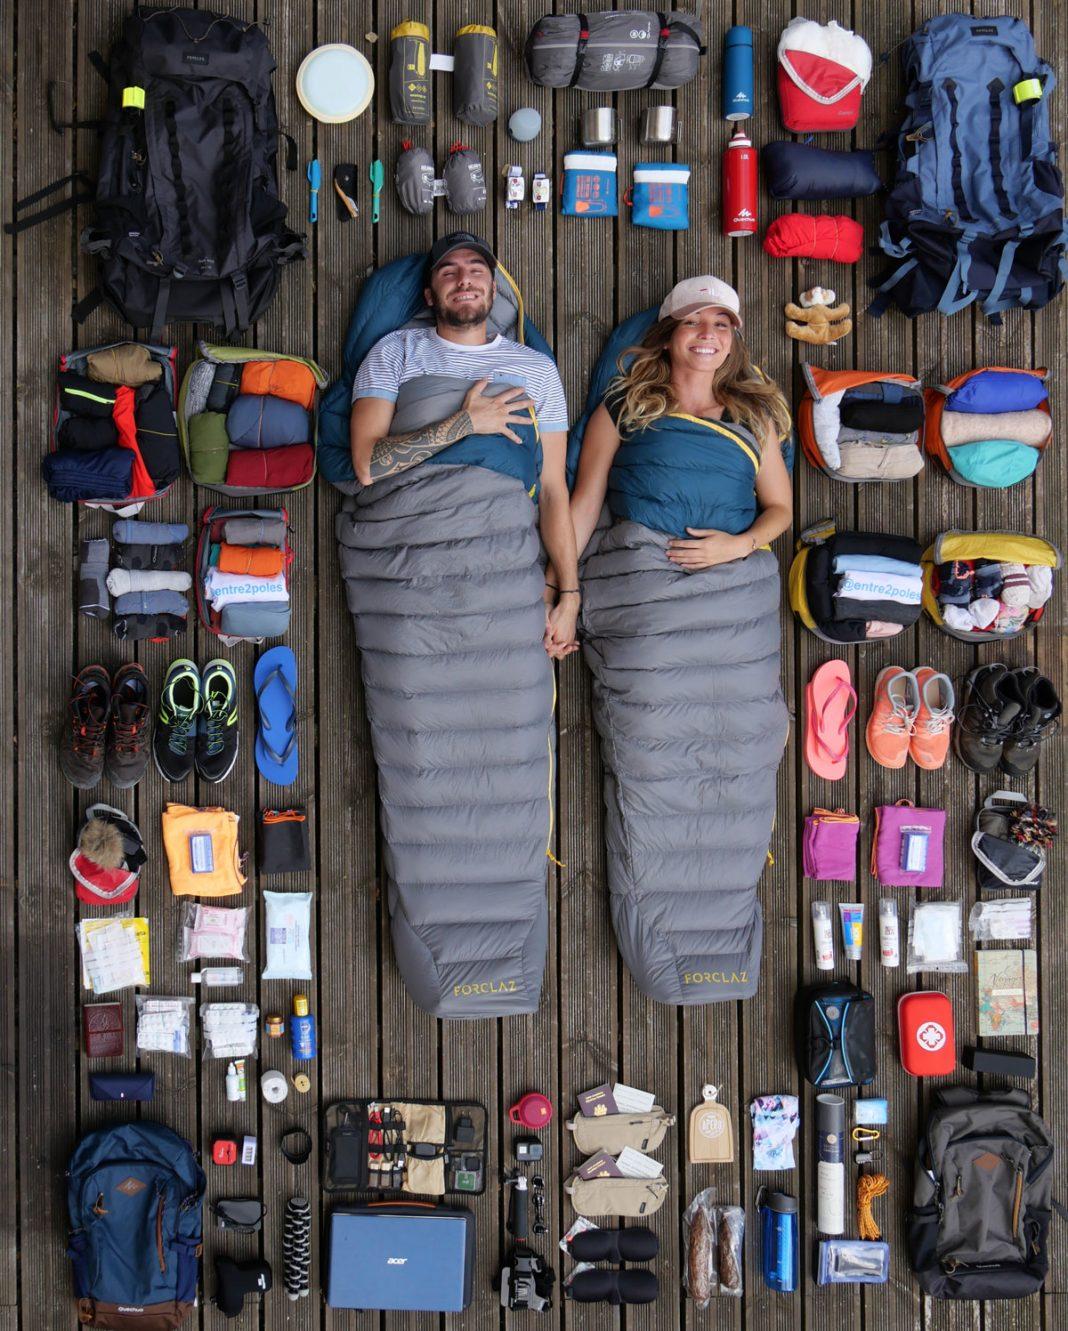 Equipement tour du monde backpacker